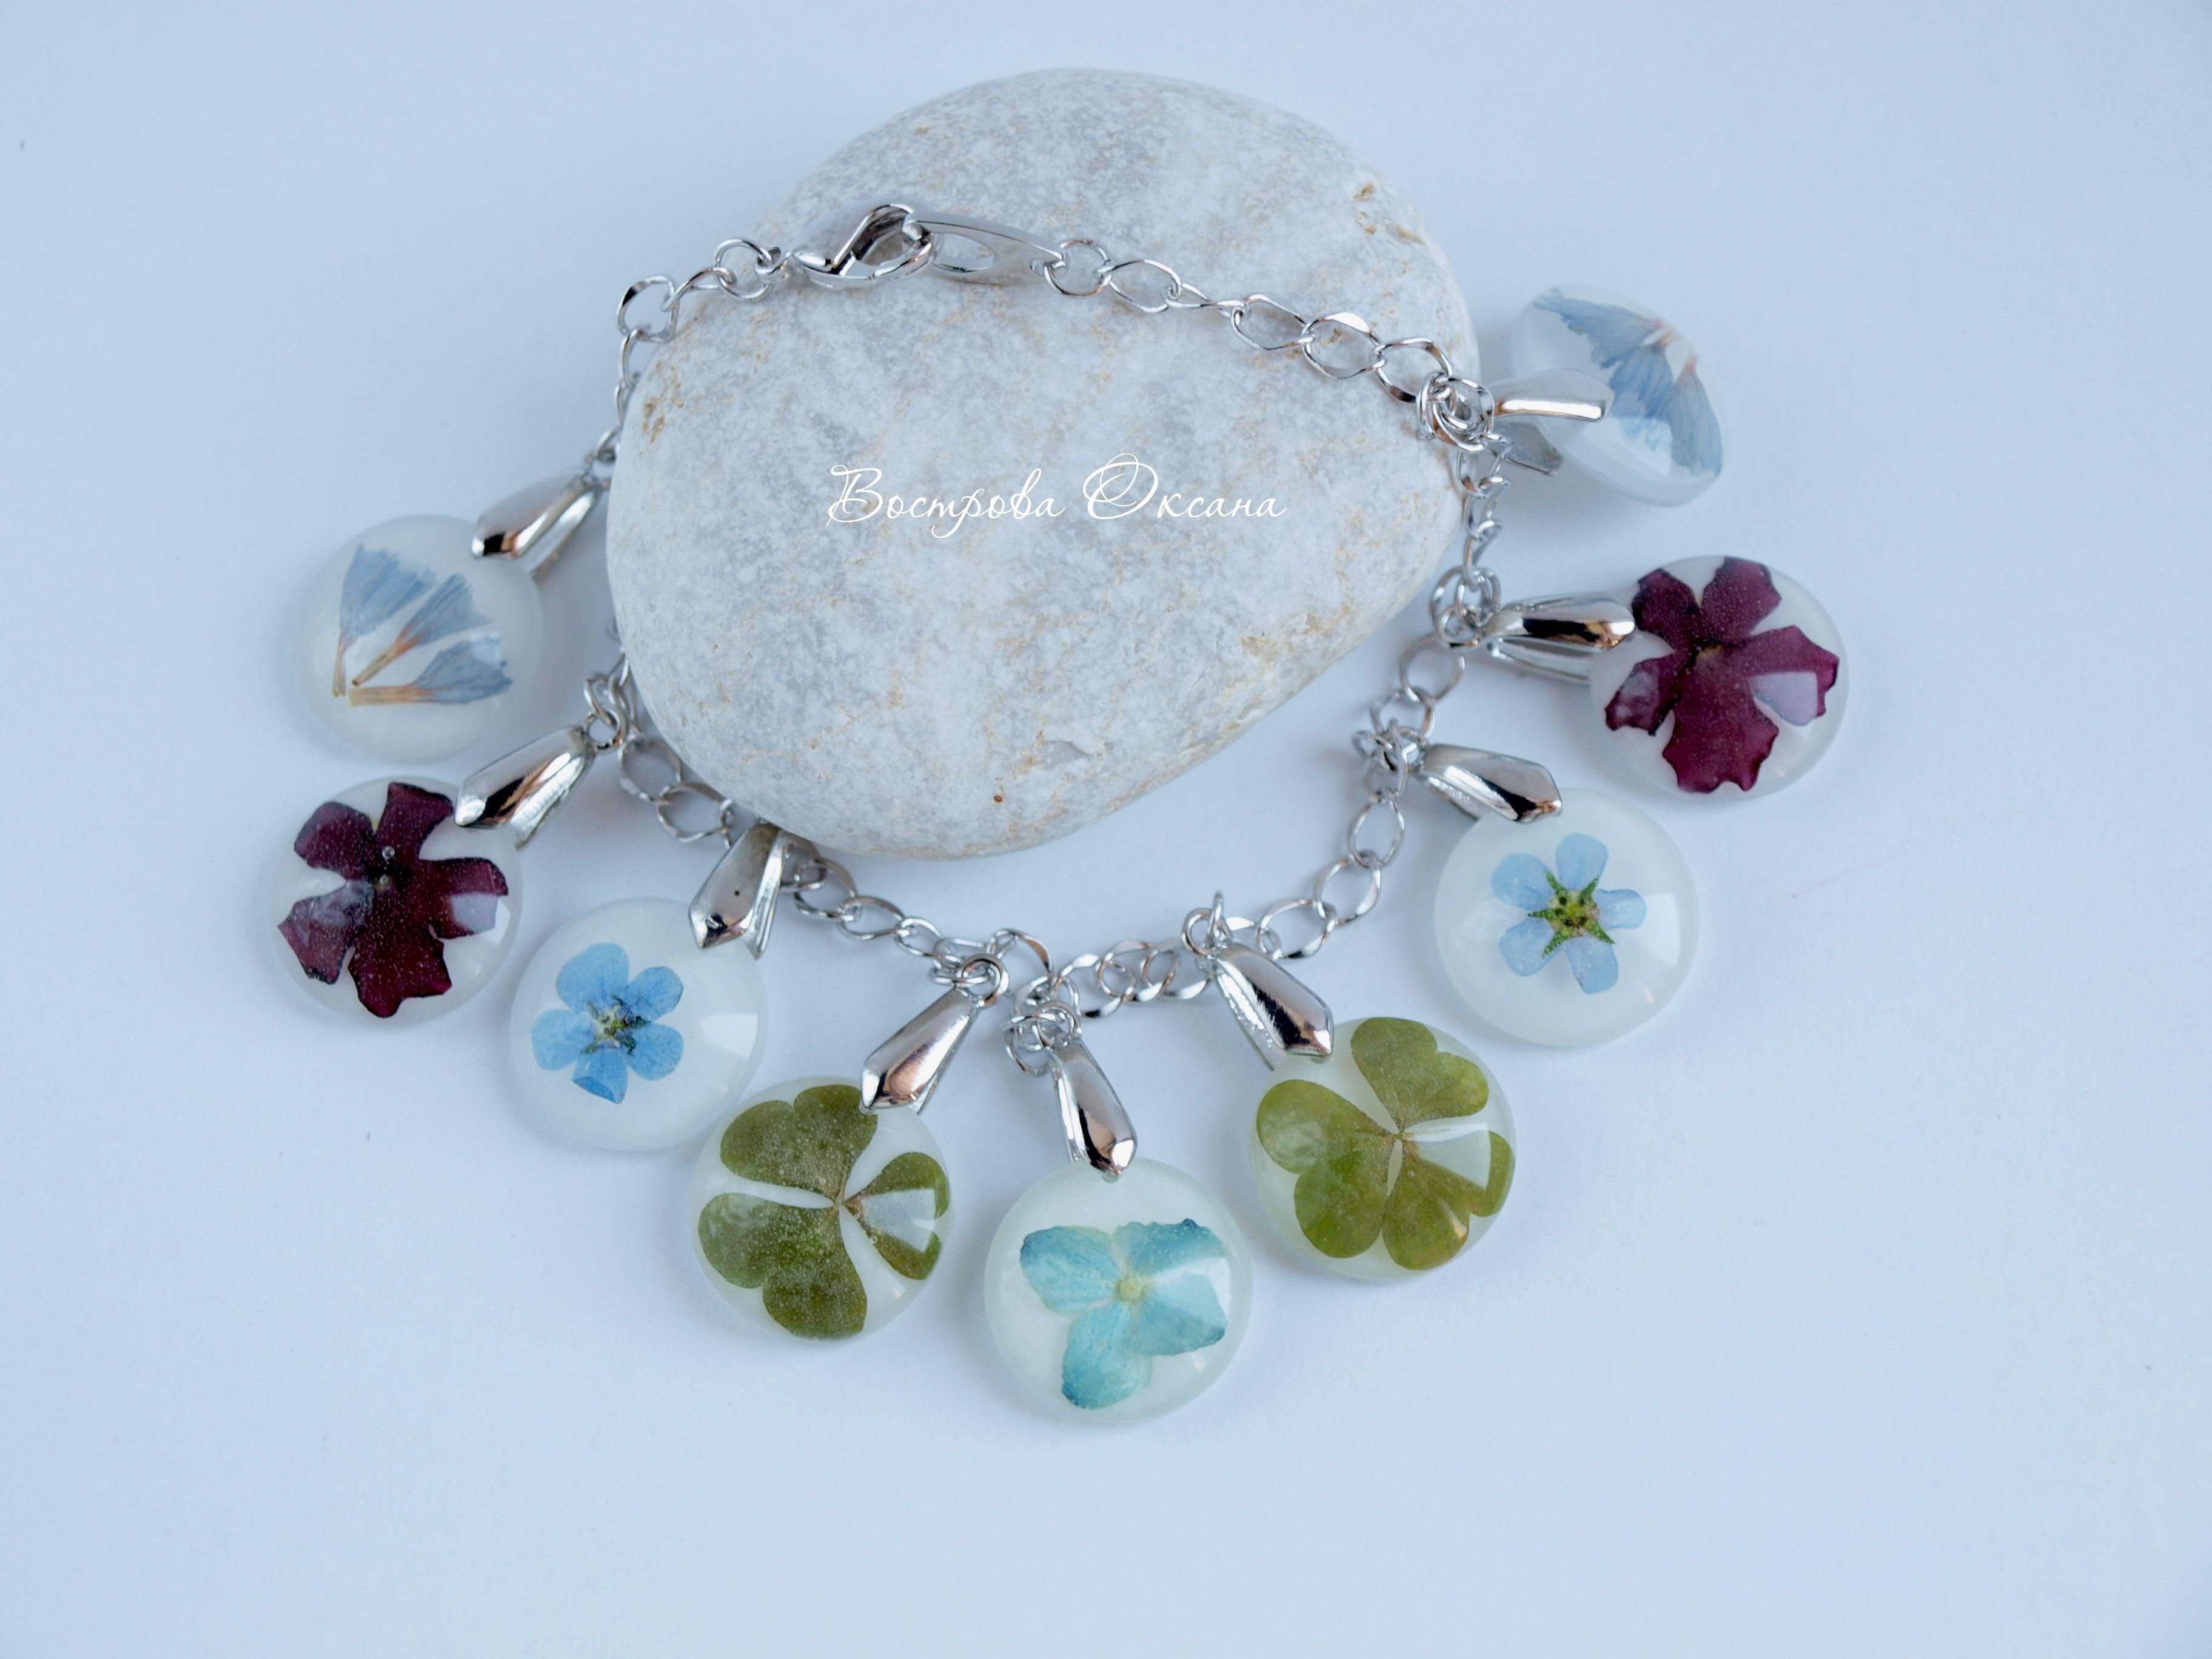 bracelet herbs handmade summer